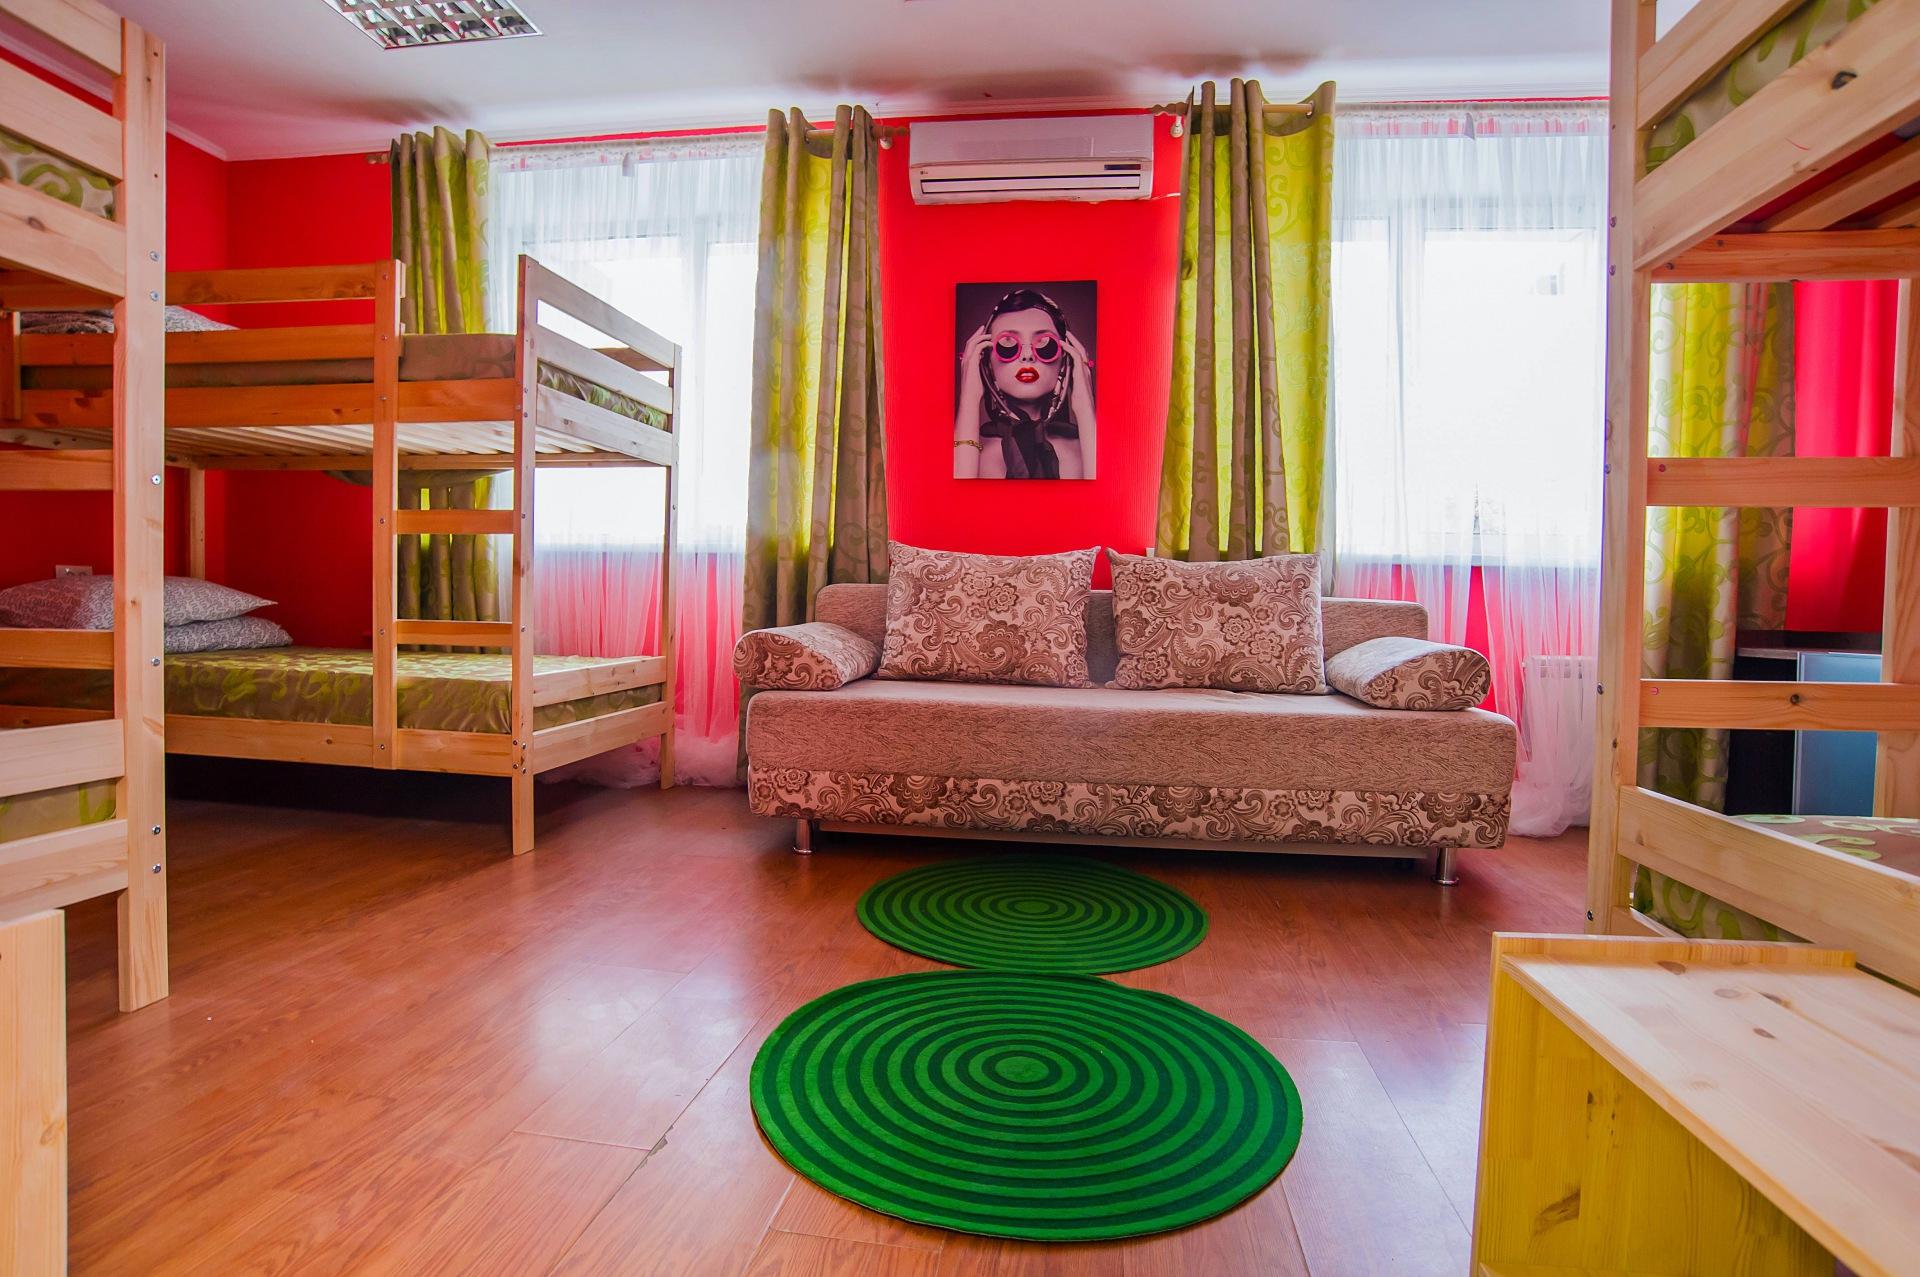 Недорогие гостиницы Хабаровска цены от 299 руб Vashotelru